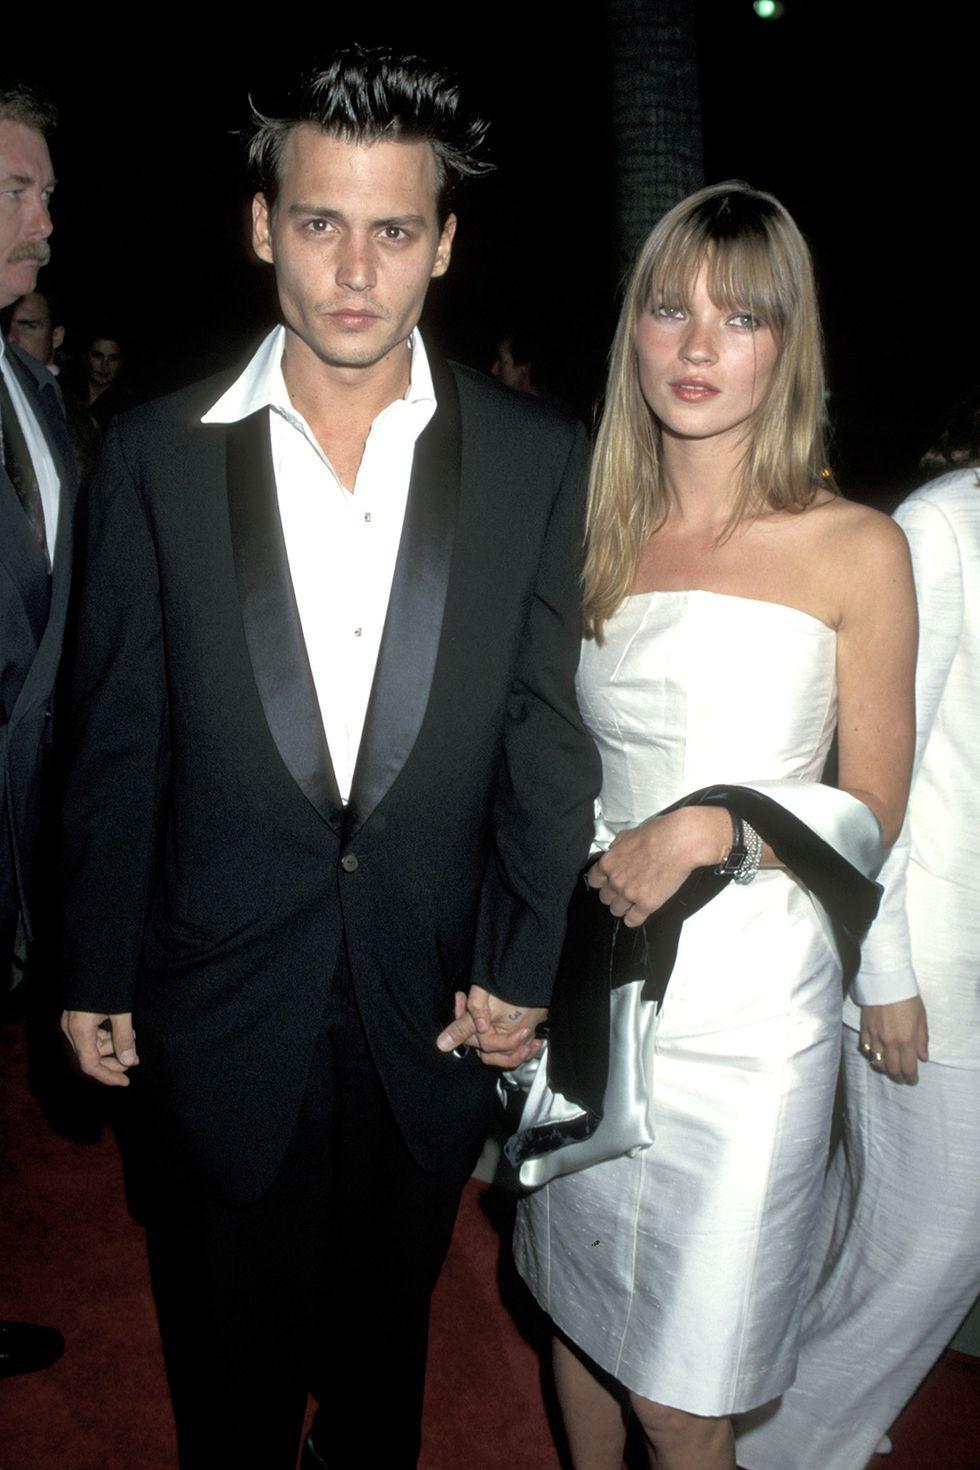 Johnny Depp và Kate Moss nổi bật tuyệt đối trong bộ cánh mang tông đen - trắng làm chủ đạo. Nếu diện nguyên set đồ này ở thời hiện tại, hẳn là bạn cũng sẽ nhận được lời khen không ngớt về gu thời trang đẳng cấp của mình.